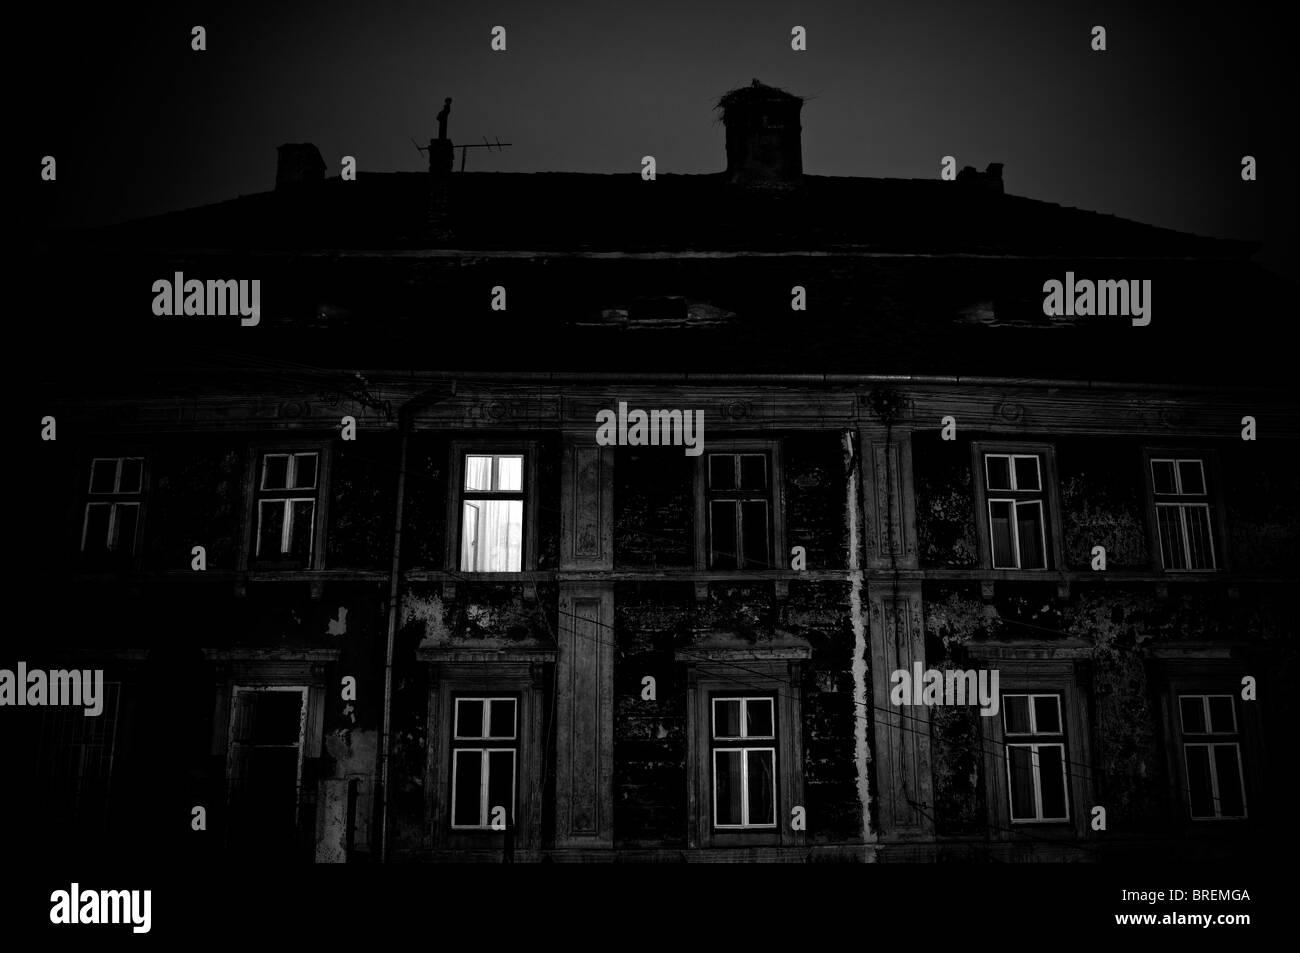 Rumania, Sibiu. Luz desde una ventana de una antigua casa de noche Imagen De Stock